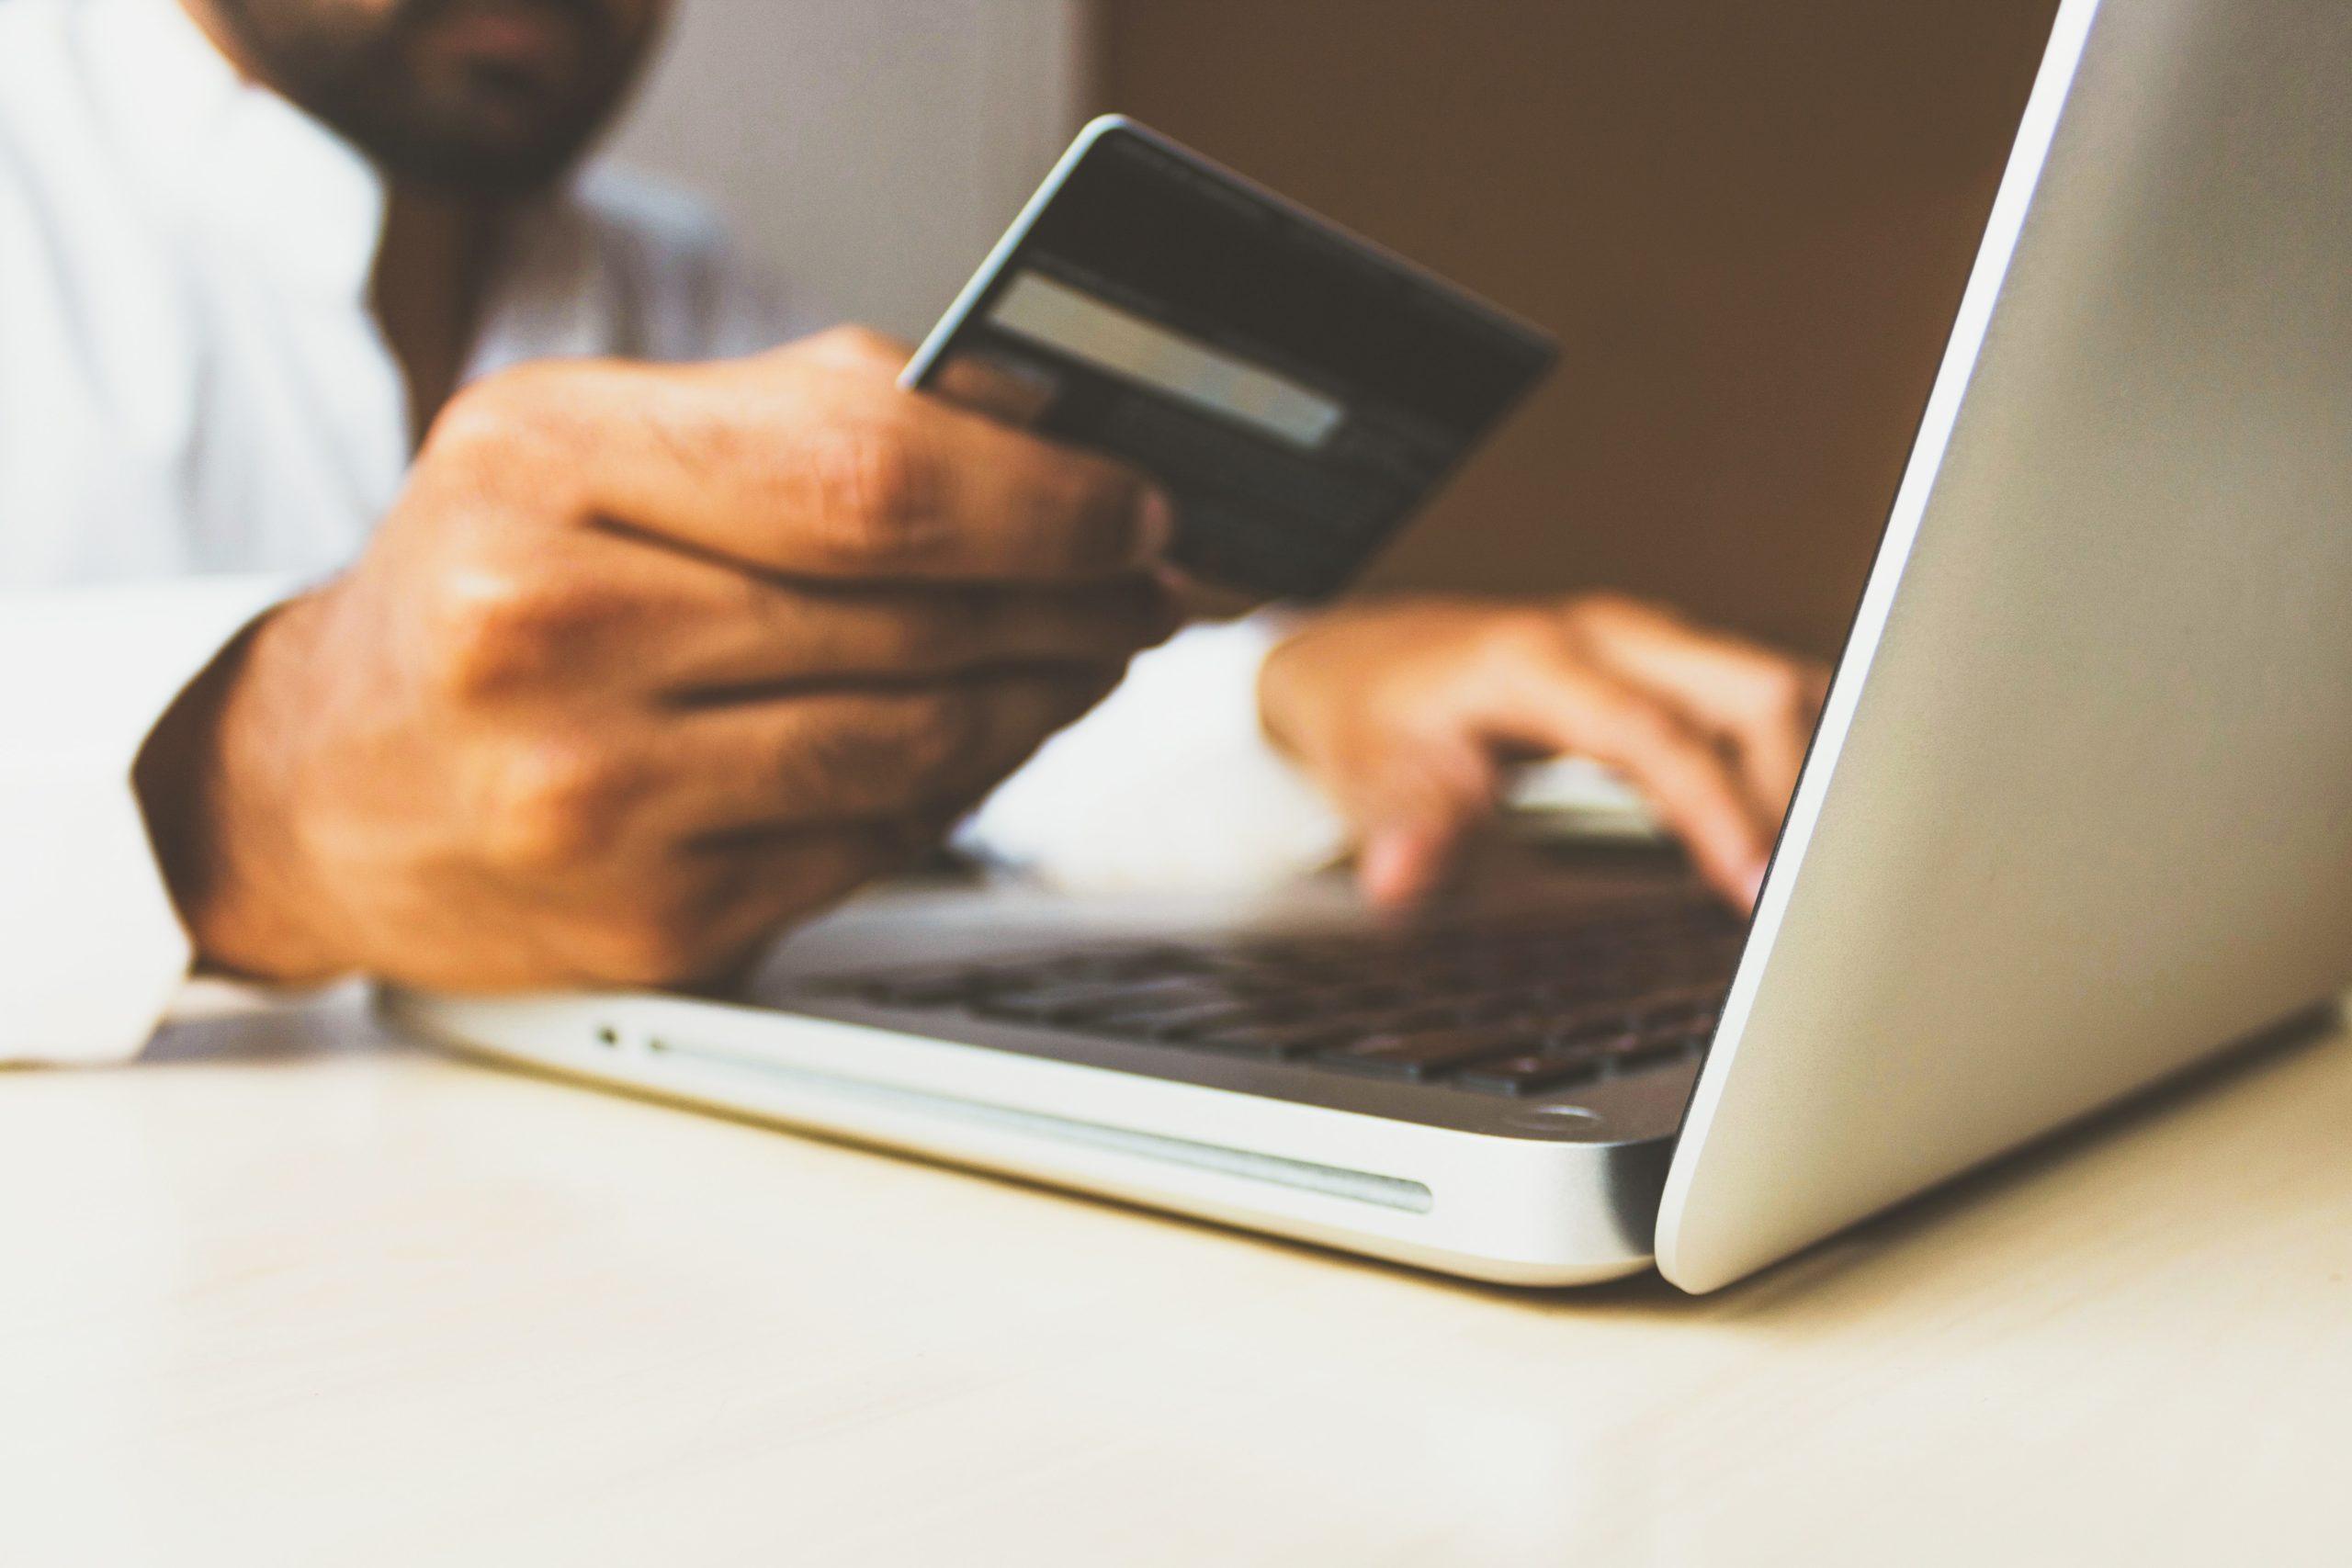 Mann mit Kreditkarte vor Laptop